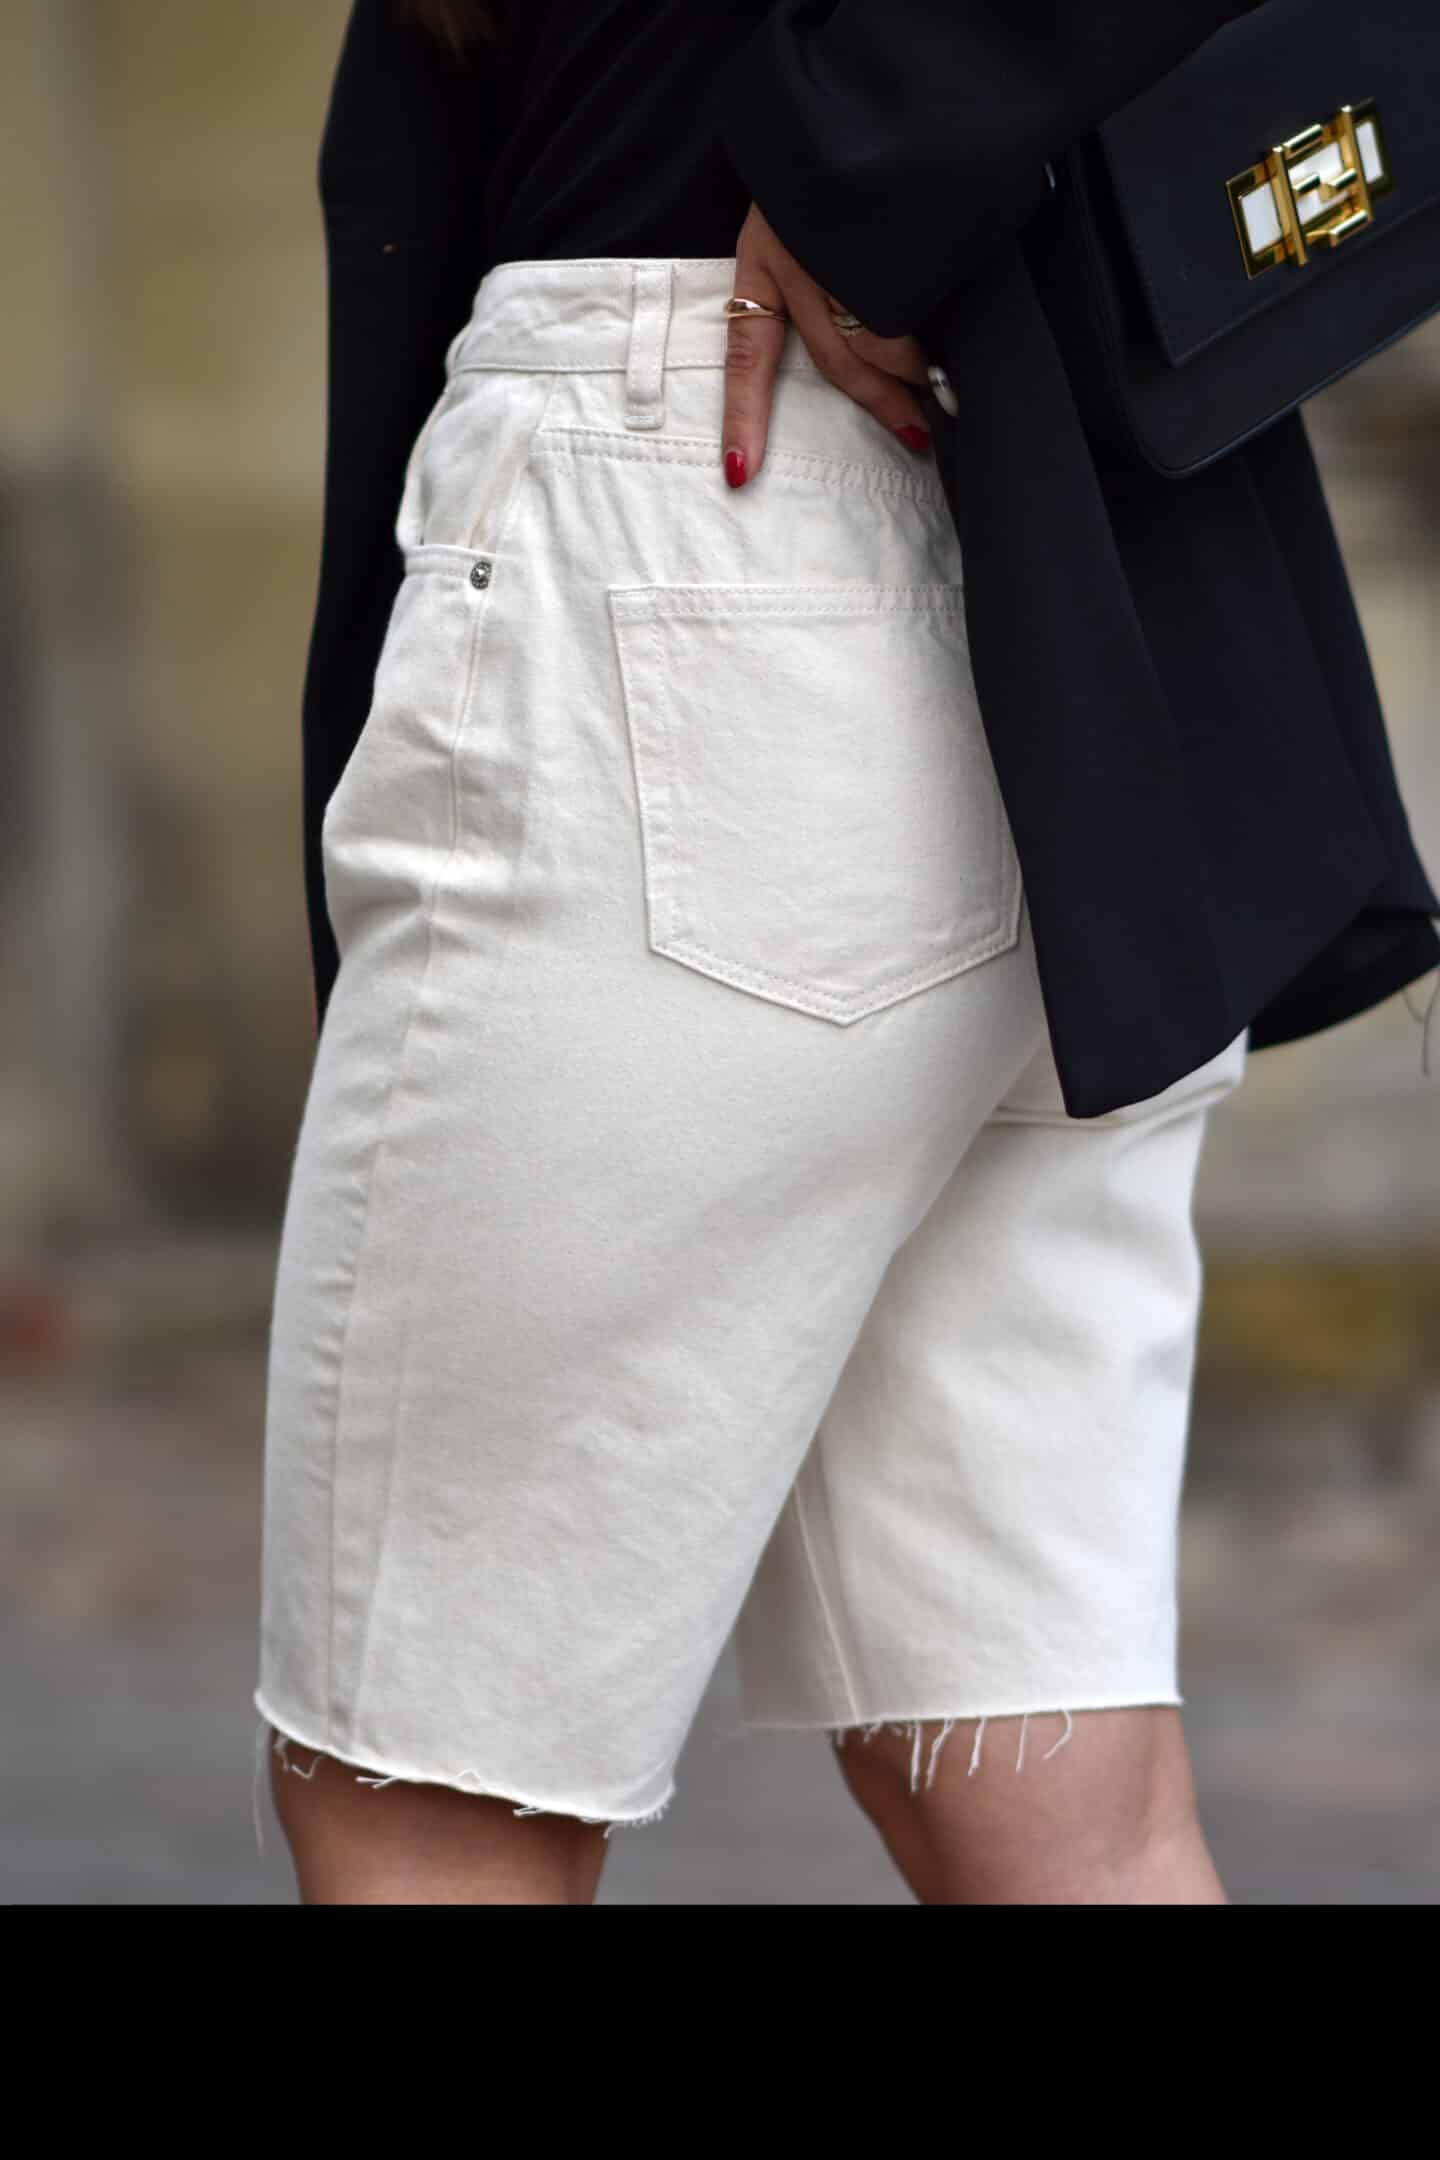 Bermuda Shorts mit Blazer & Sandalen - der Sommertrend 2020